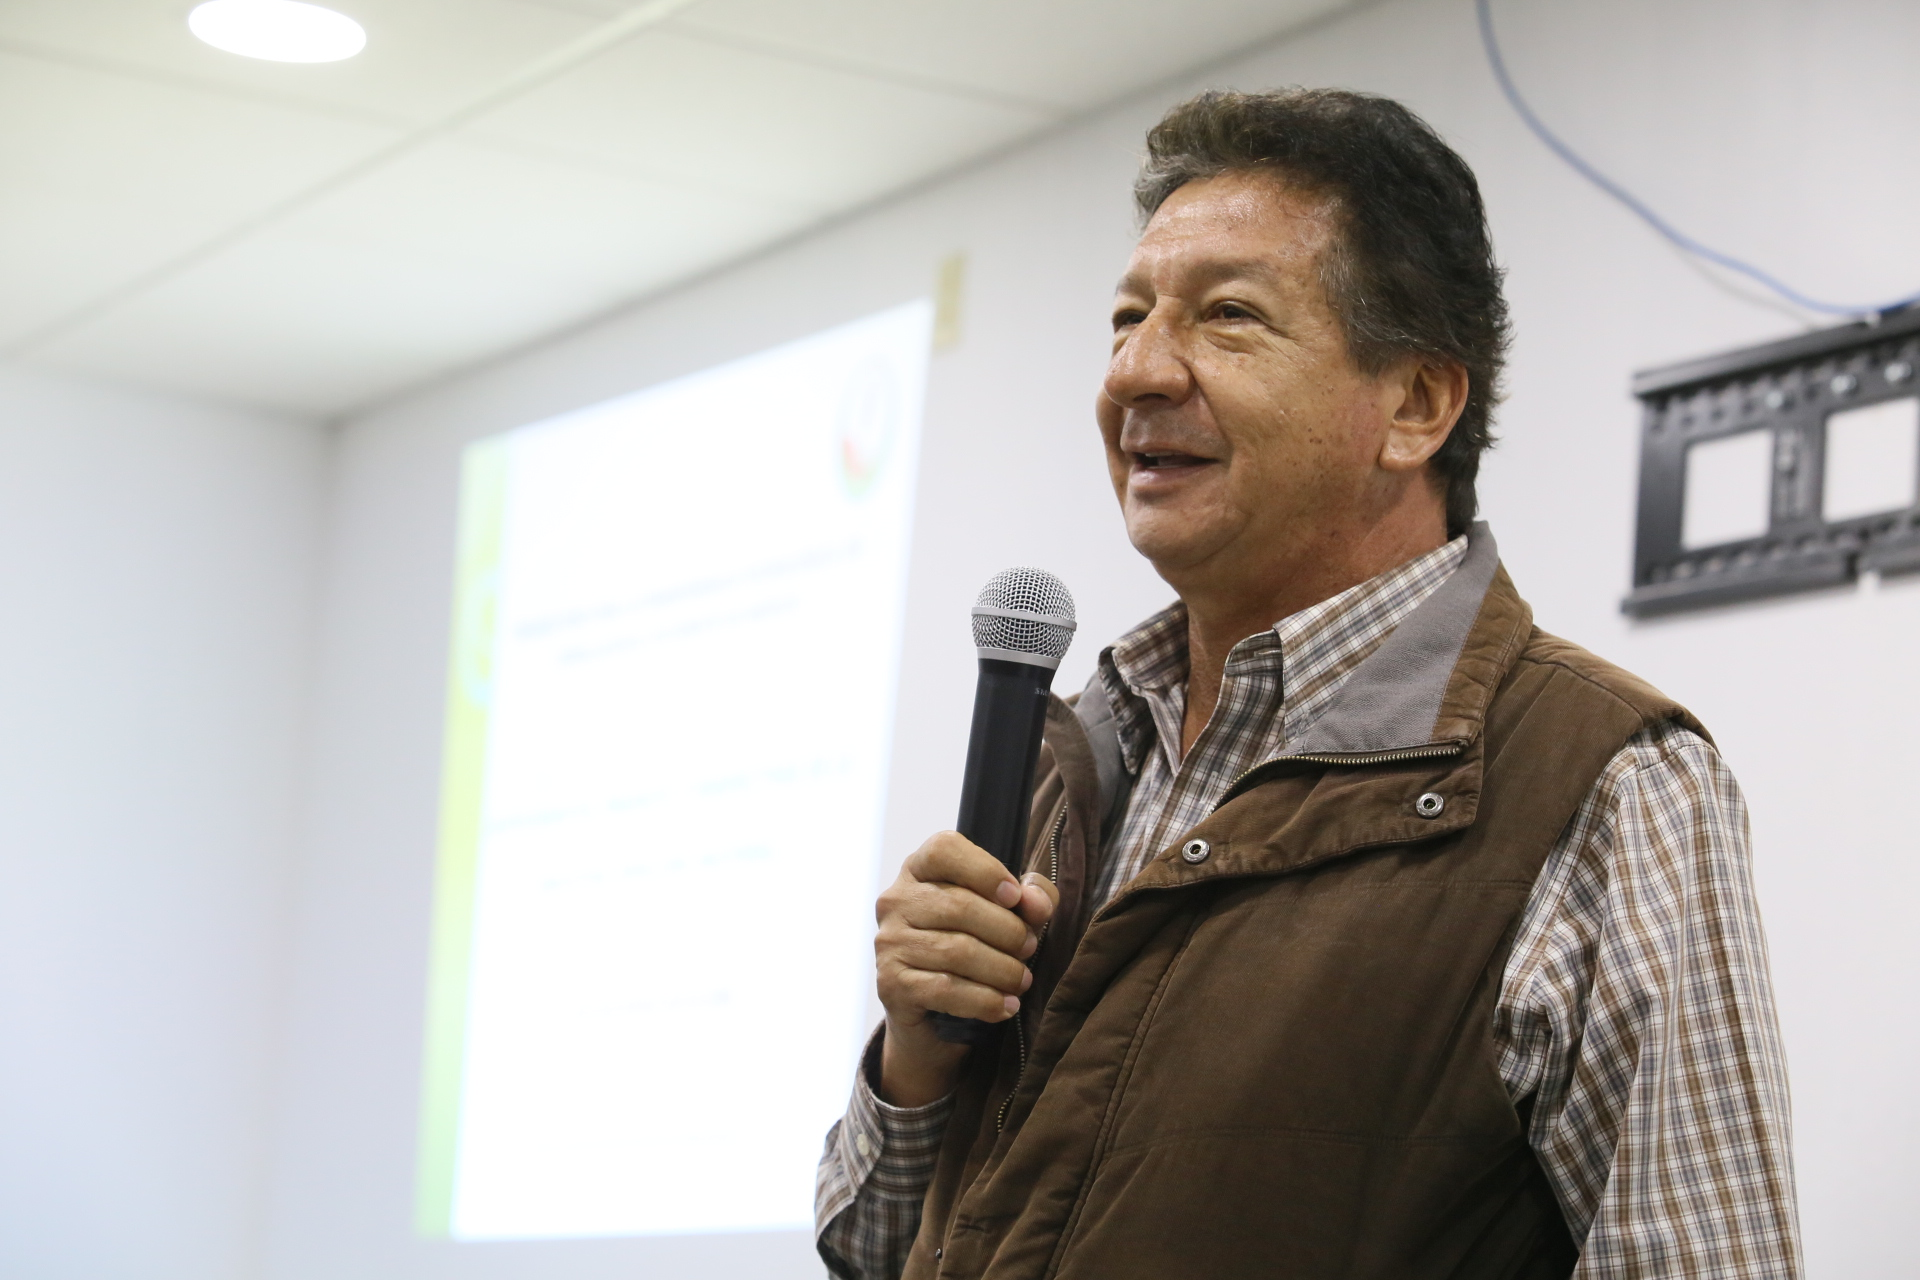 El Presidente de la Asociación de Semilleros Mexicanos Unidos, maestro Óscar Rivas Aguilera, con micrófono en mano, haciendo uso de la palabra.